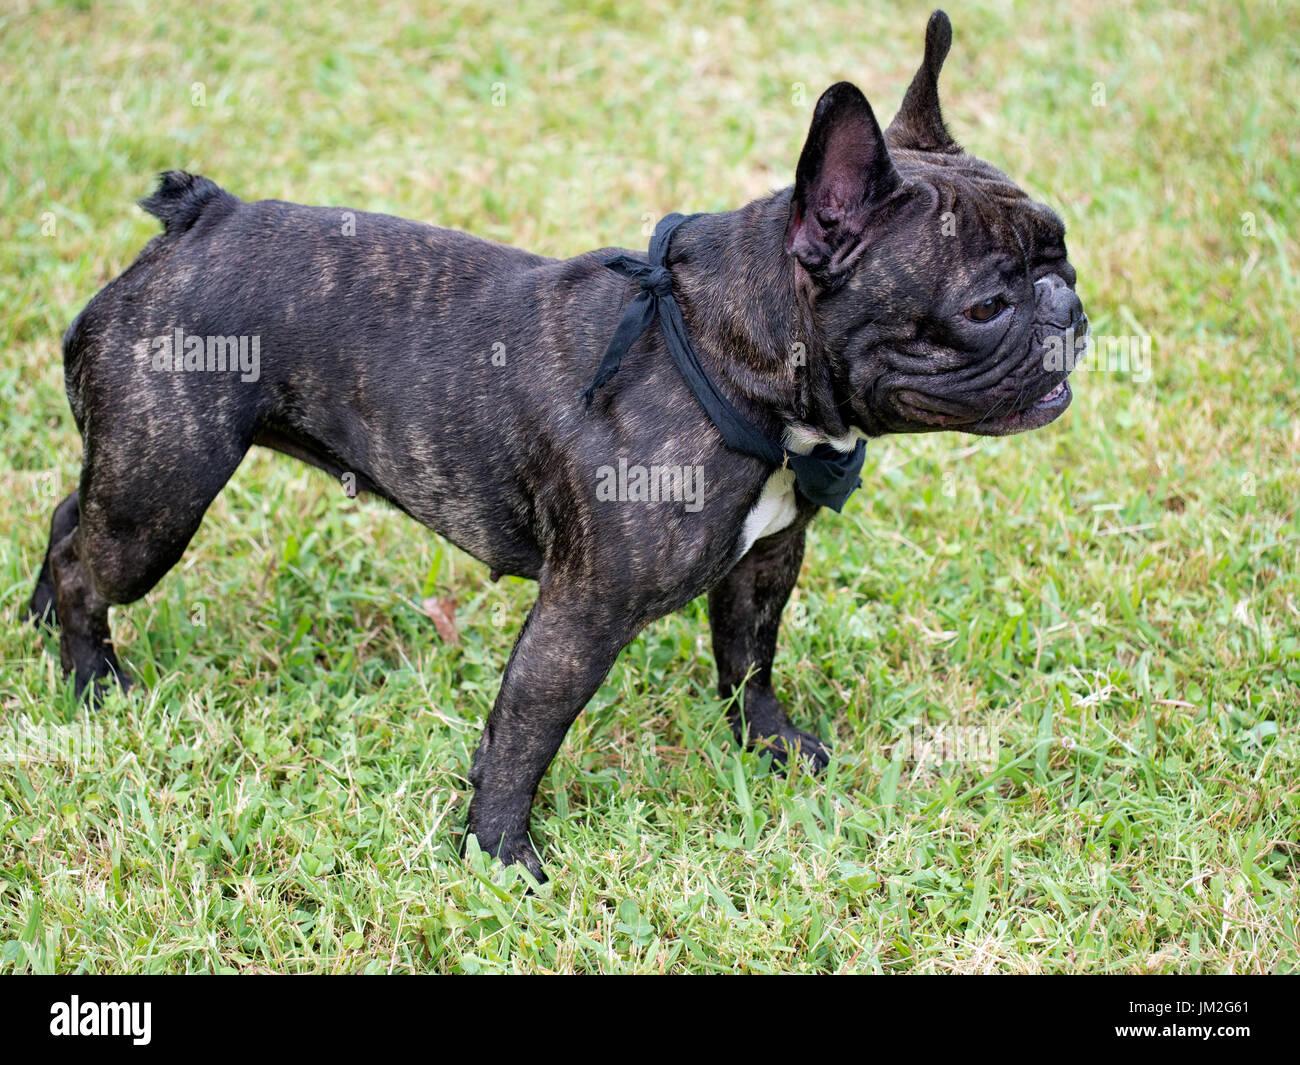 Pug.Brachycephalic. Health issue. Stock Photo